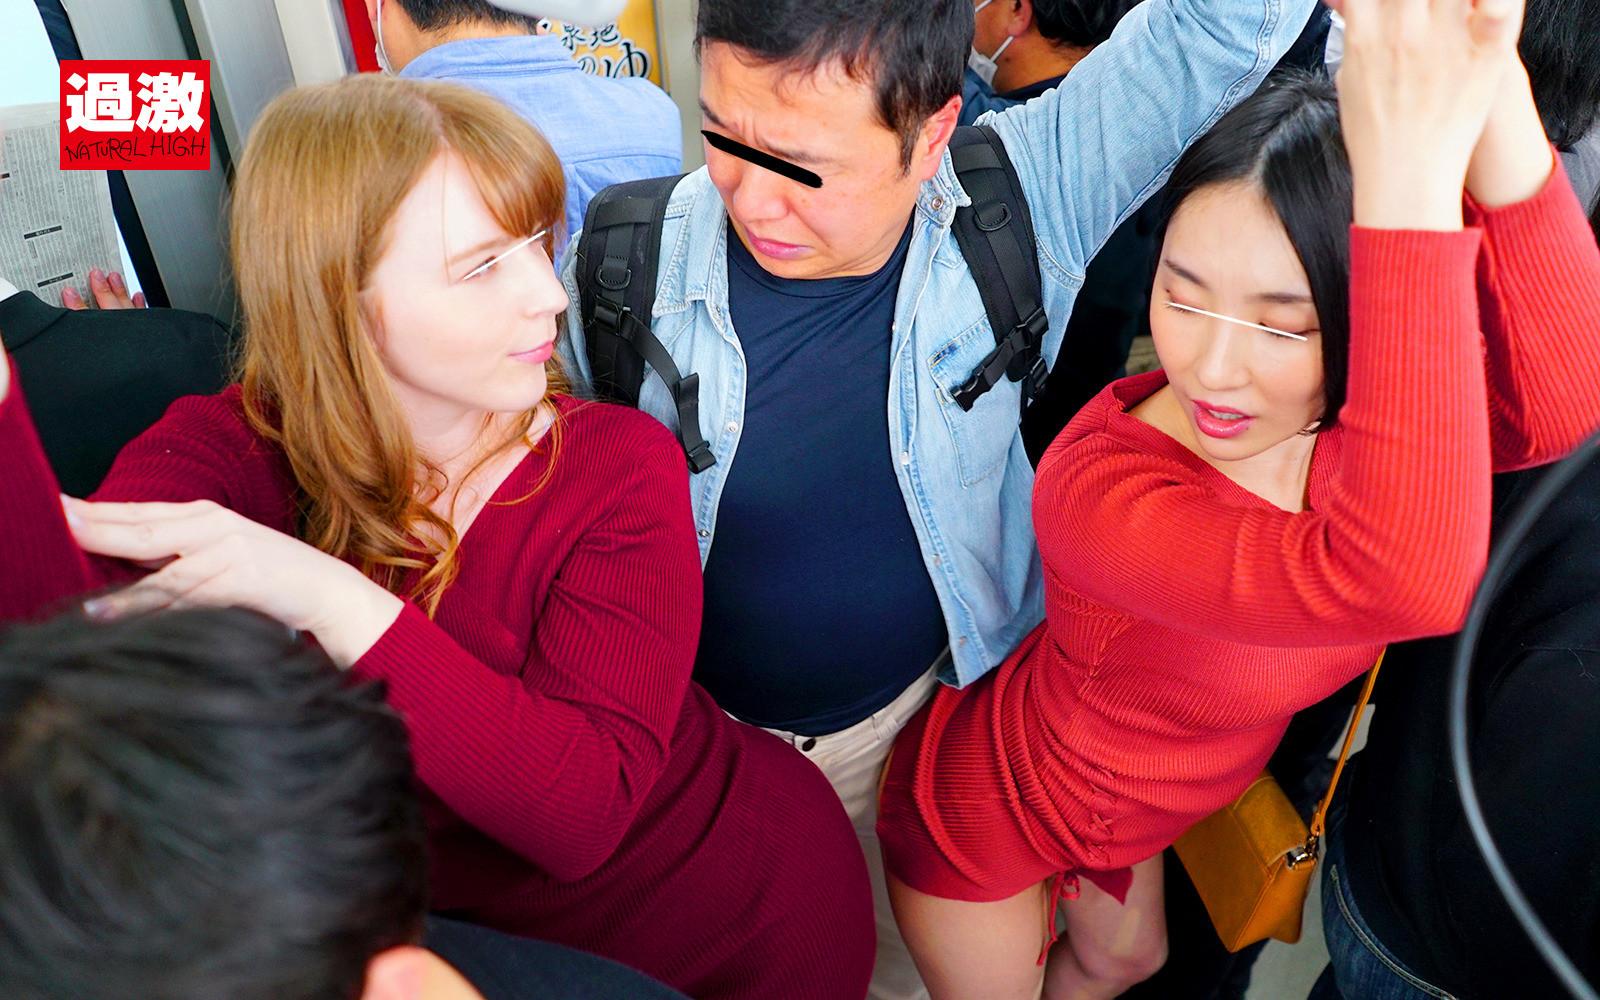 満員電車でムチムチニット痴女2人のデカ尻に挟まれ勃起したち〇ぽを笑顔で射精させられた 画像2